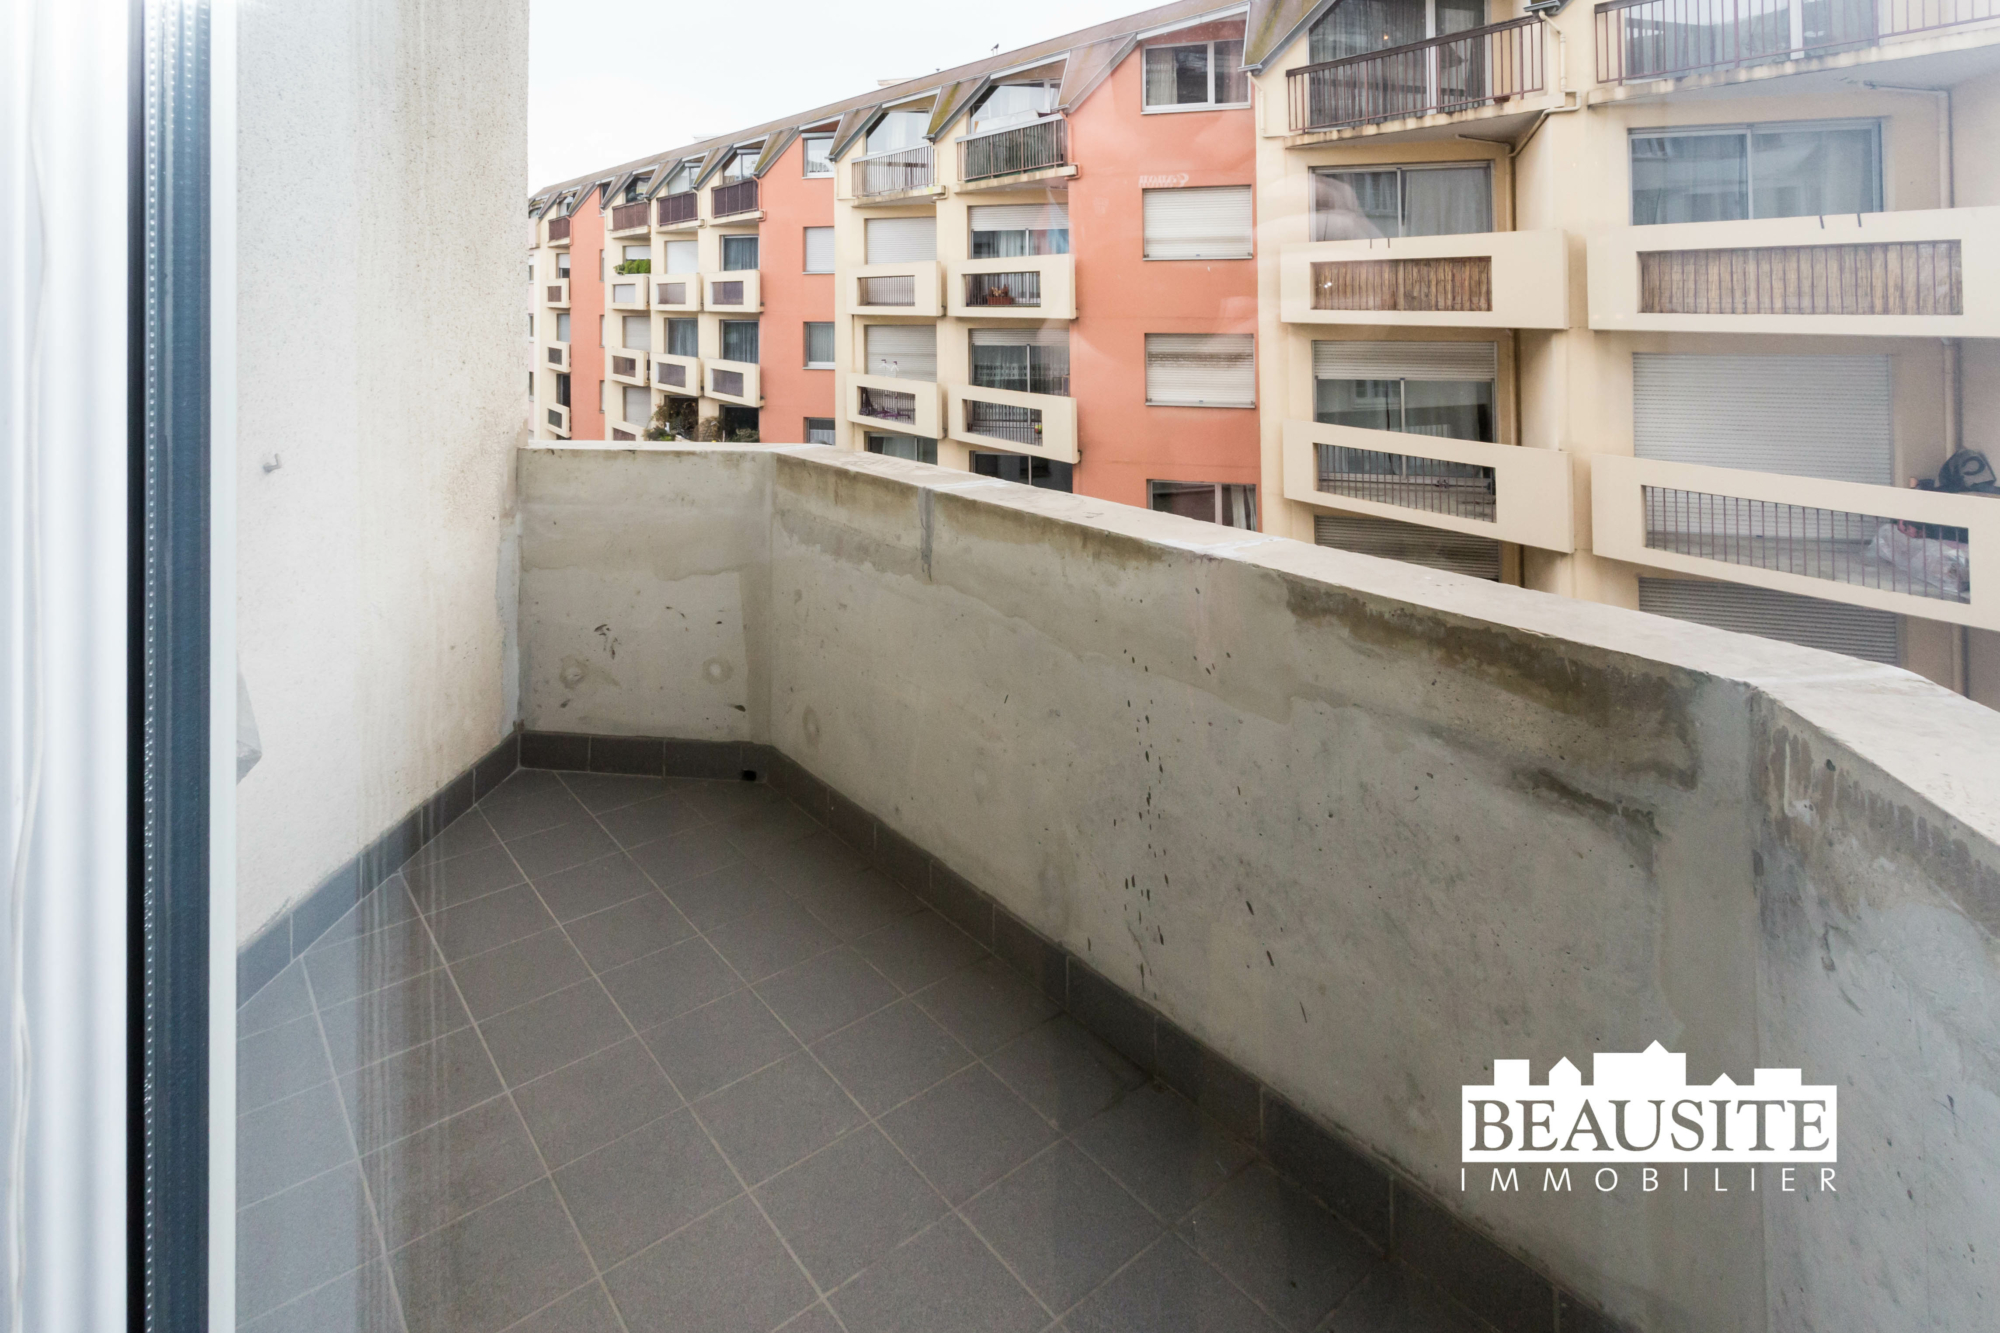 [Paquebot] Accostez dans un appartement à la vue sur la Cathédrale - Halles / rue de Bouxwiller - nos ventes - Beausite Immobilier 8